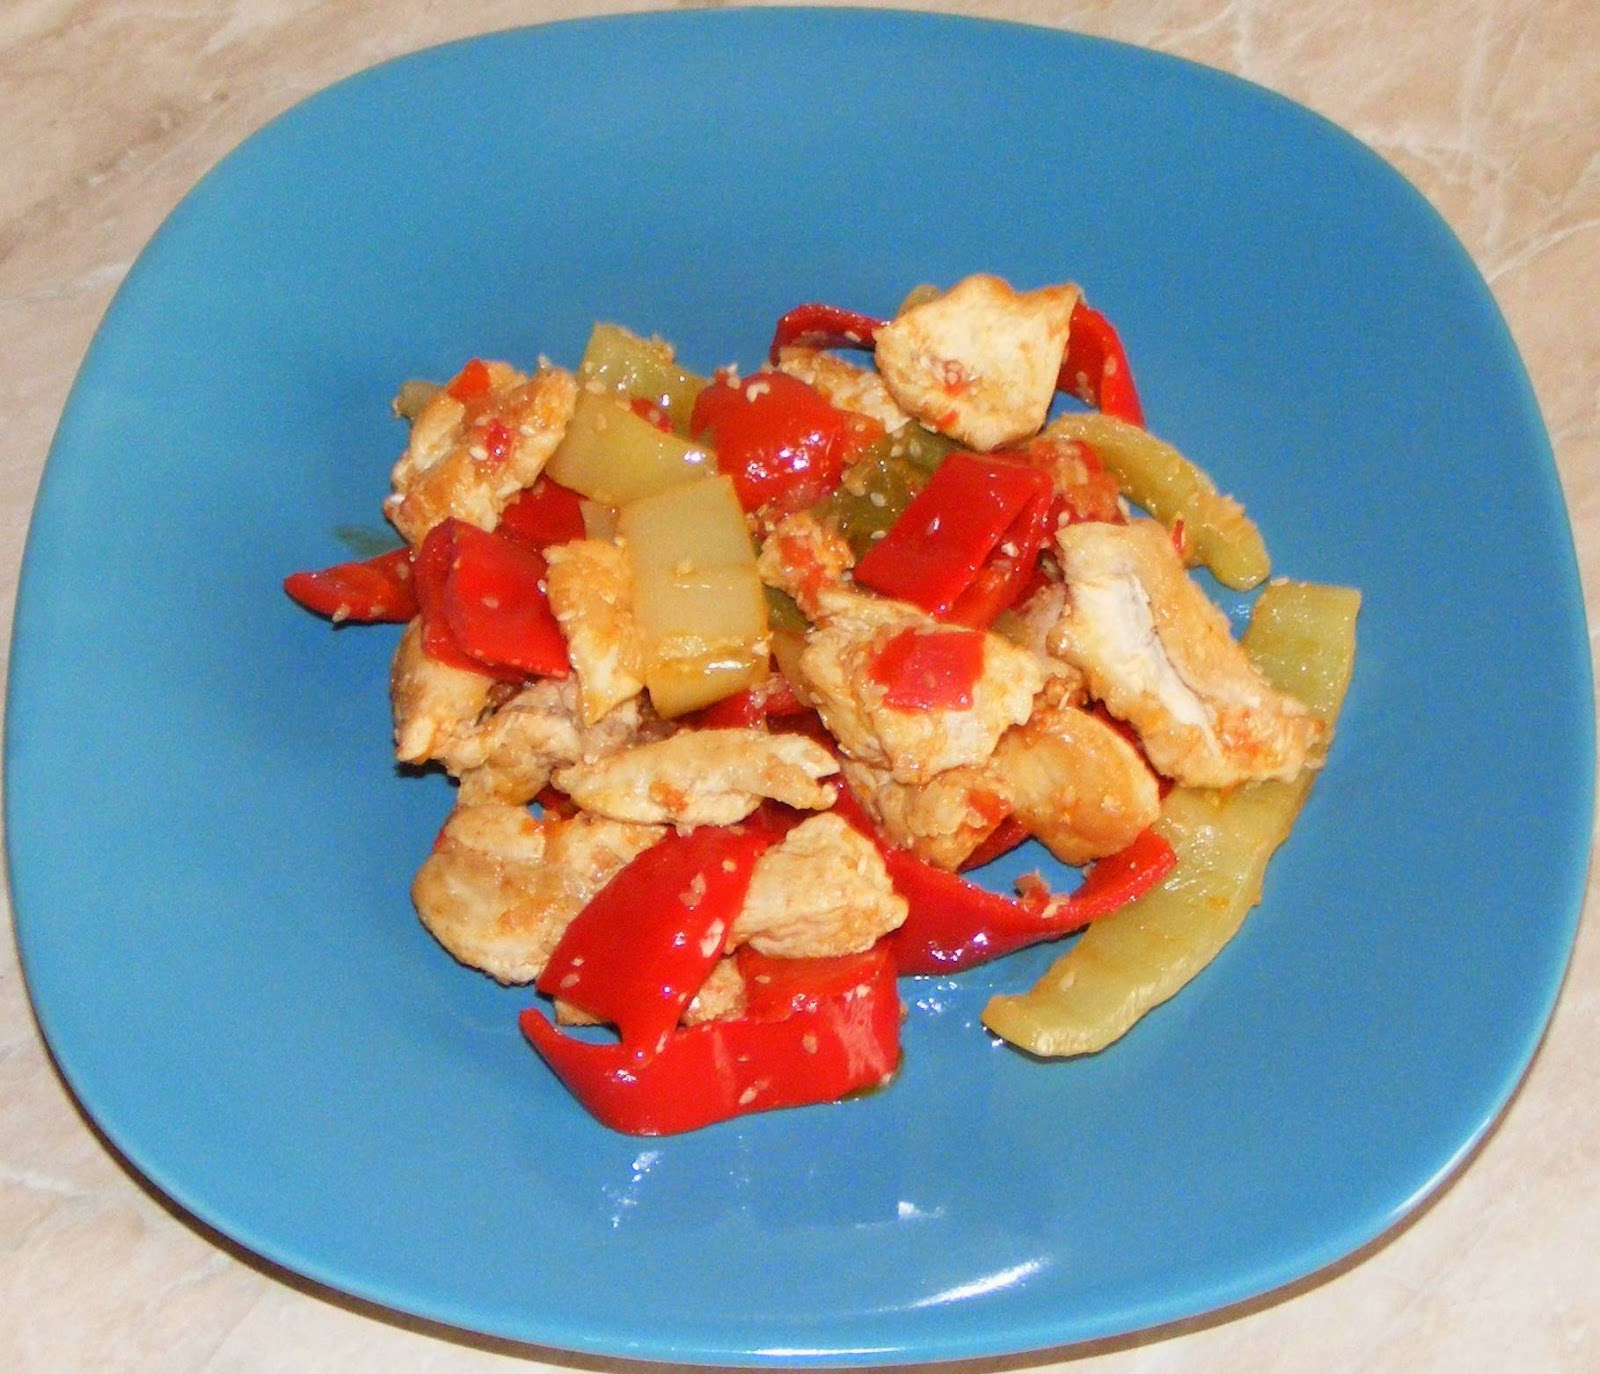 pui cu susan, pui cu ardei si susan, piept de pui cu susan, piept de pui cu ardei si susan, piept de pui cu ardei, mancare chinezeasca, retete asiatice, retete shanghai, retete de mancare, retete cu pui, retete culinare, preparate culinare, retete straine, retete rapide, retete simple, retete cu carne de pui, retete de mancare cu carne,